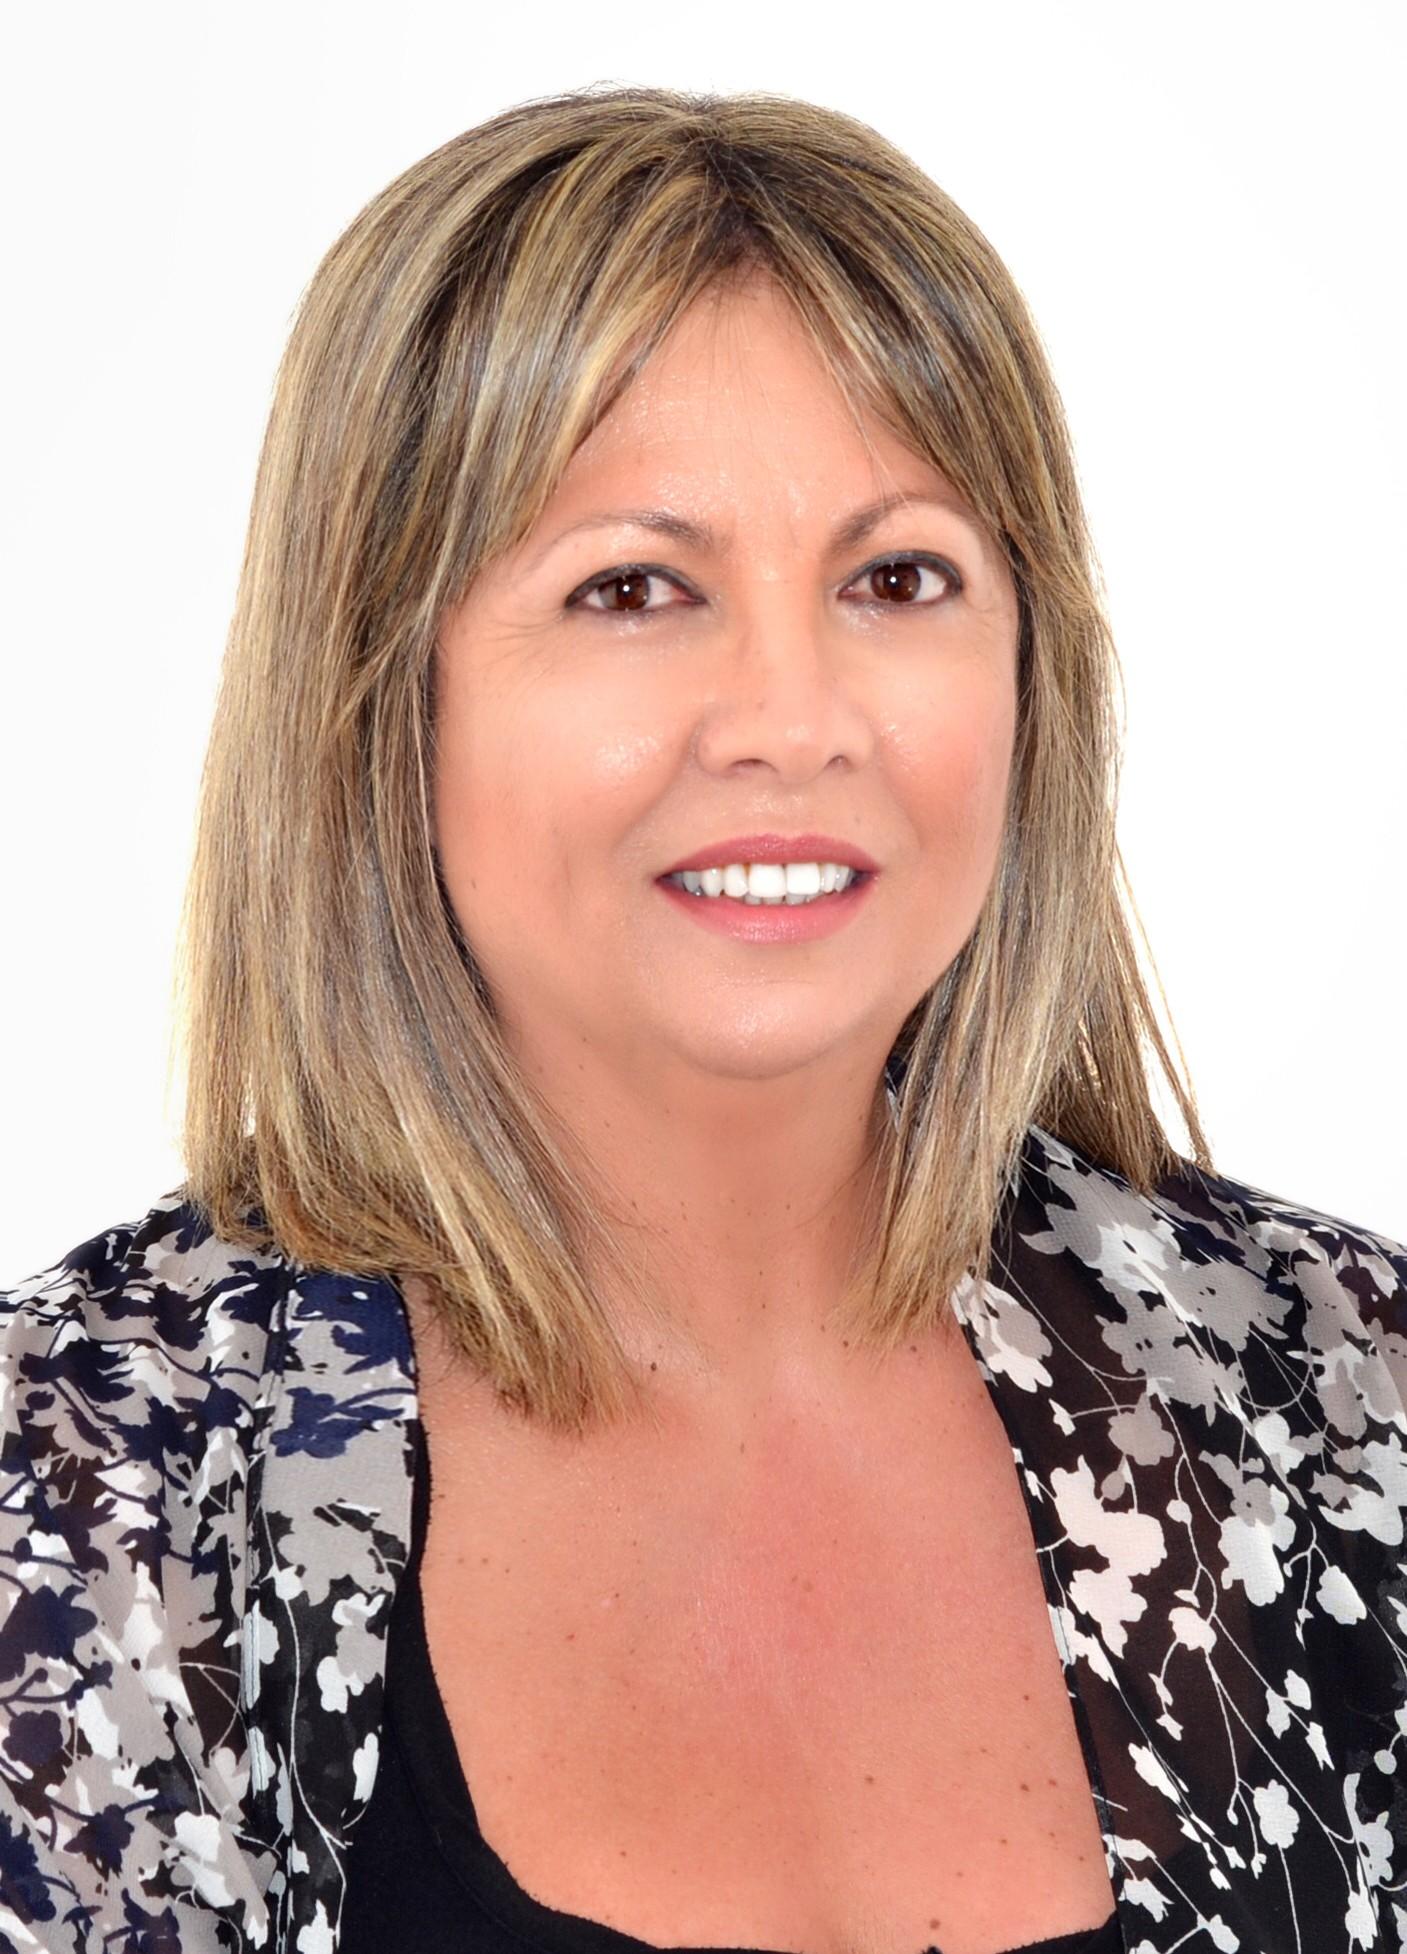 Mª del Carmen Garzón Ramos